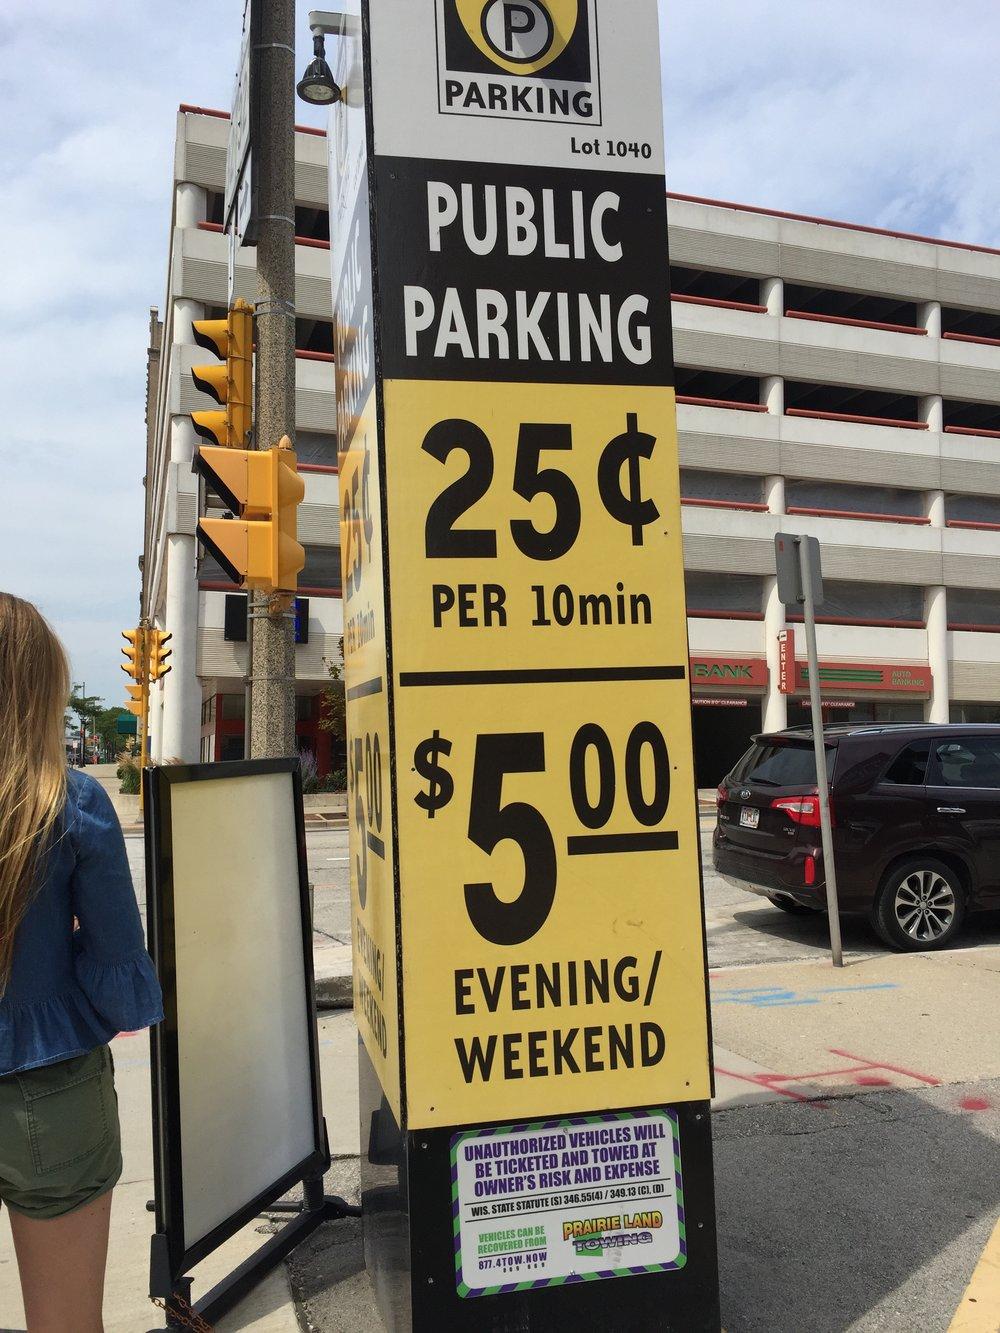 $5 Parking? WHAAAA???